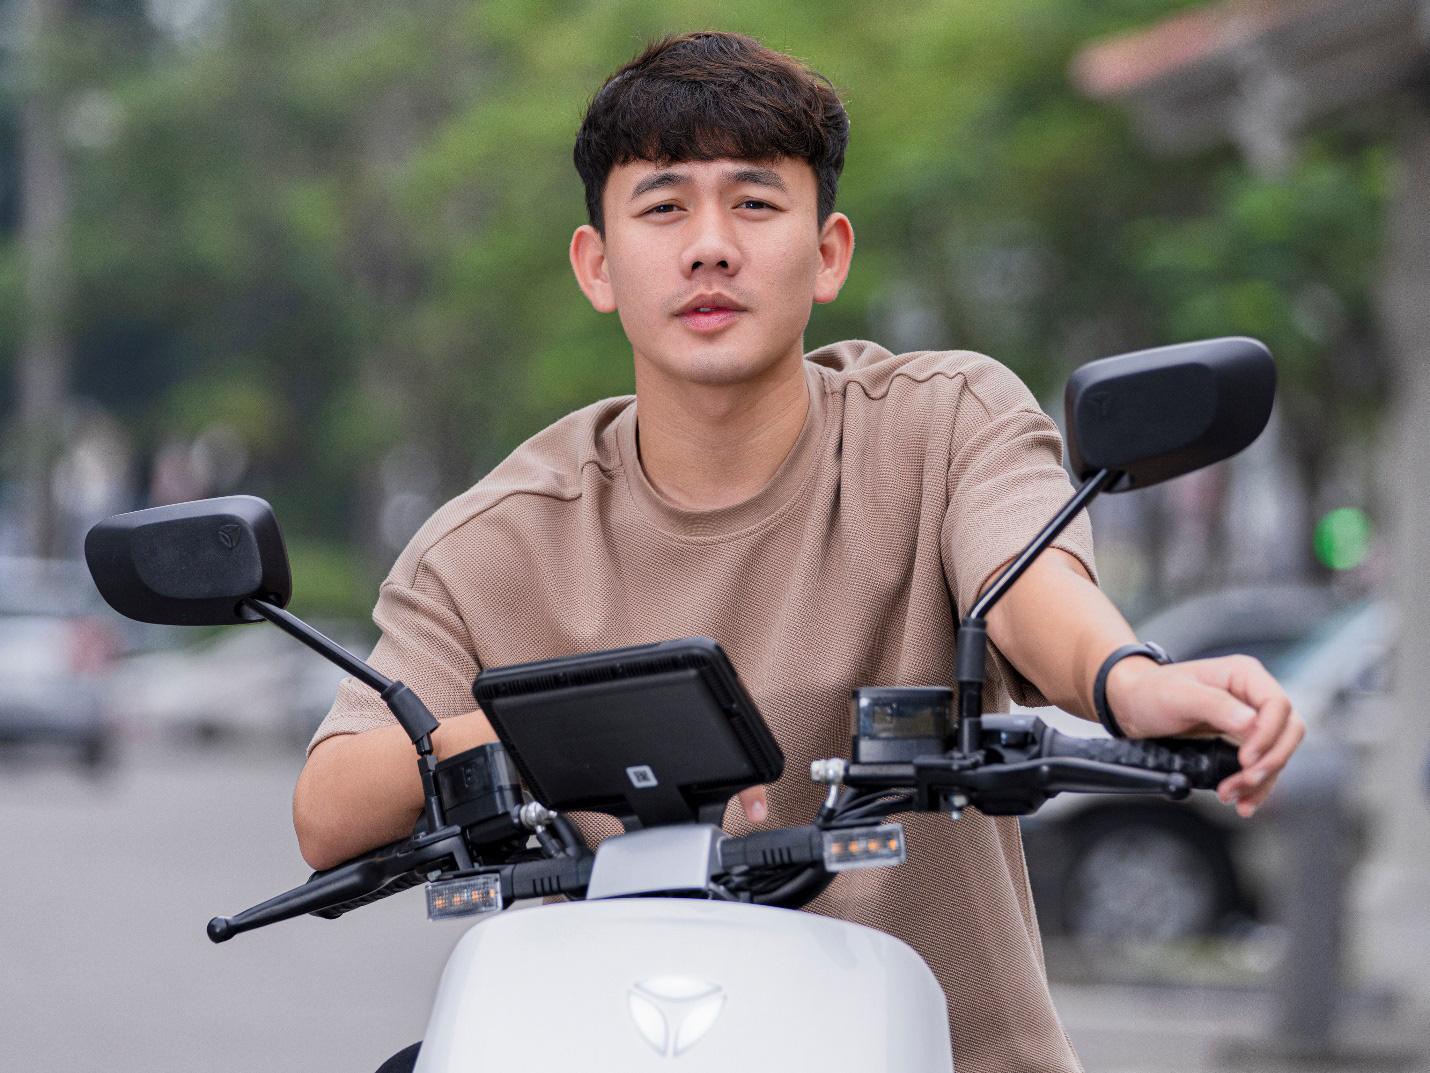 """Cầu thủ Minh Vương và hành trình ước mơ với trái bóng tròn: """"Chưa bao giờ tôi hối hận vì đã chọn đá bóng!"""" - Ảnh 4."""